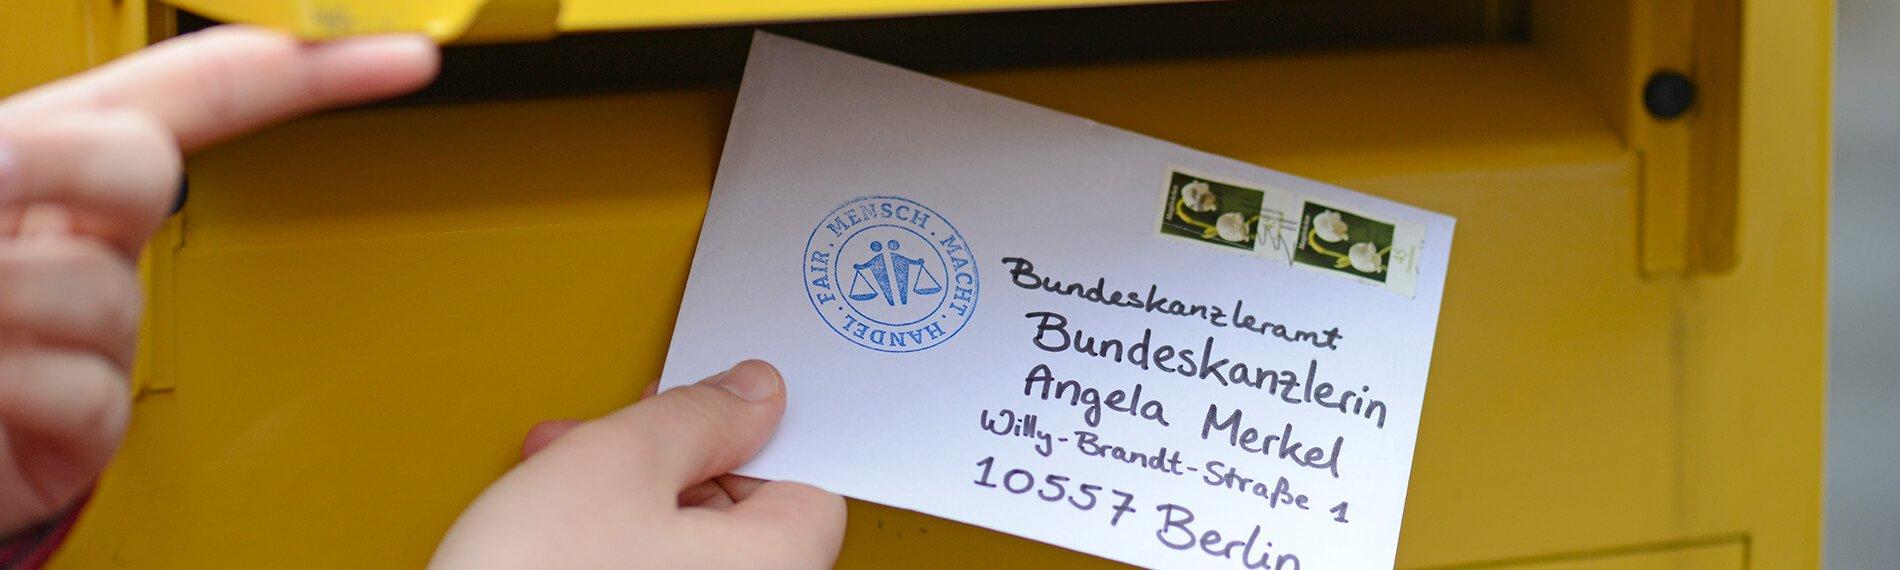 Foto: Weltladen Dachverband/C. Albuschkat